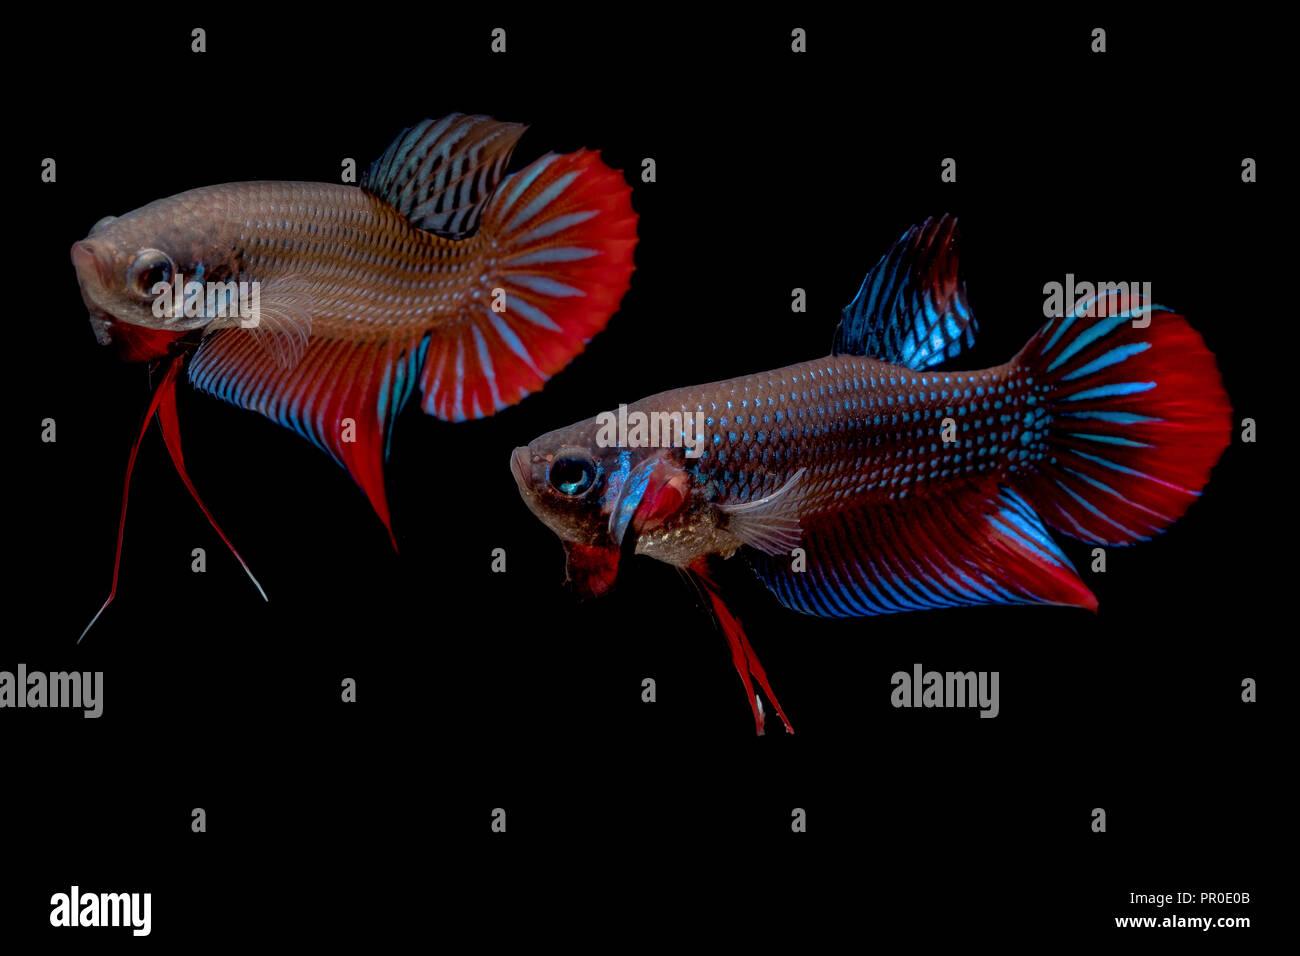 Betta Fish Fight In The Aquarium Stock Photo 220672491 Alamy